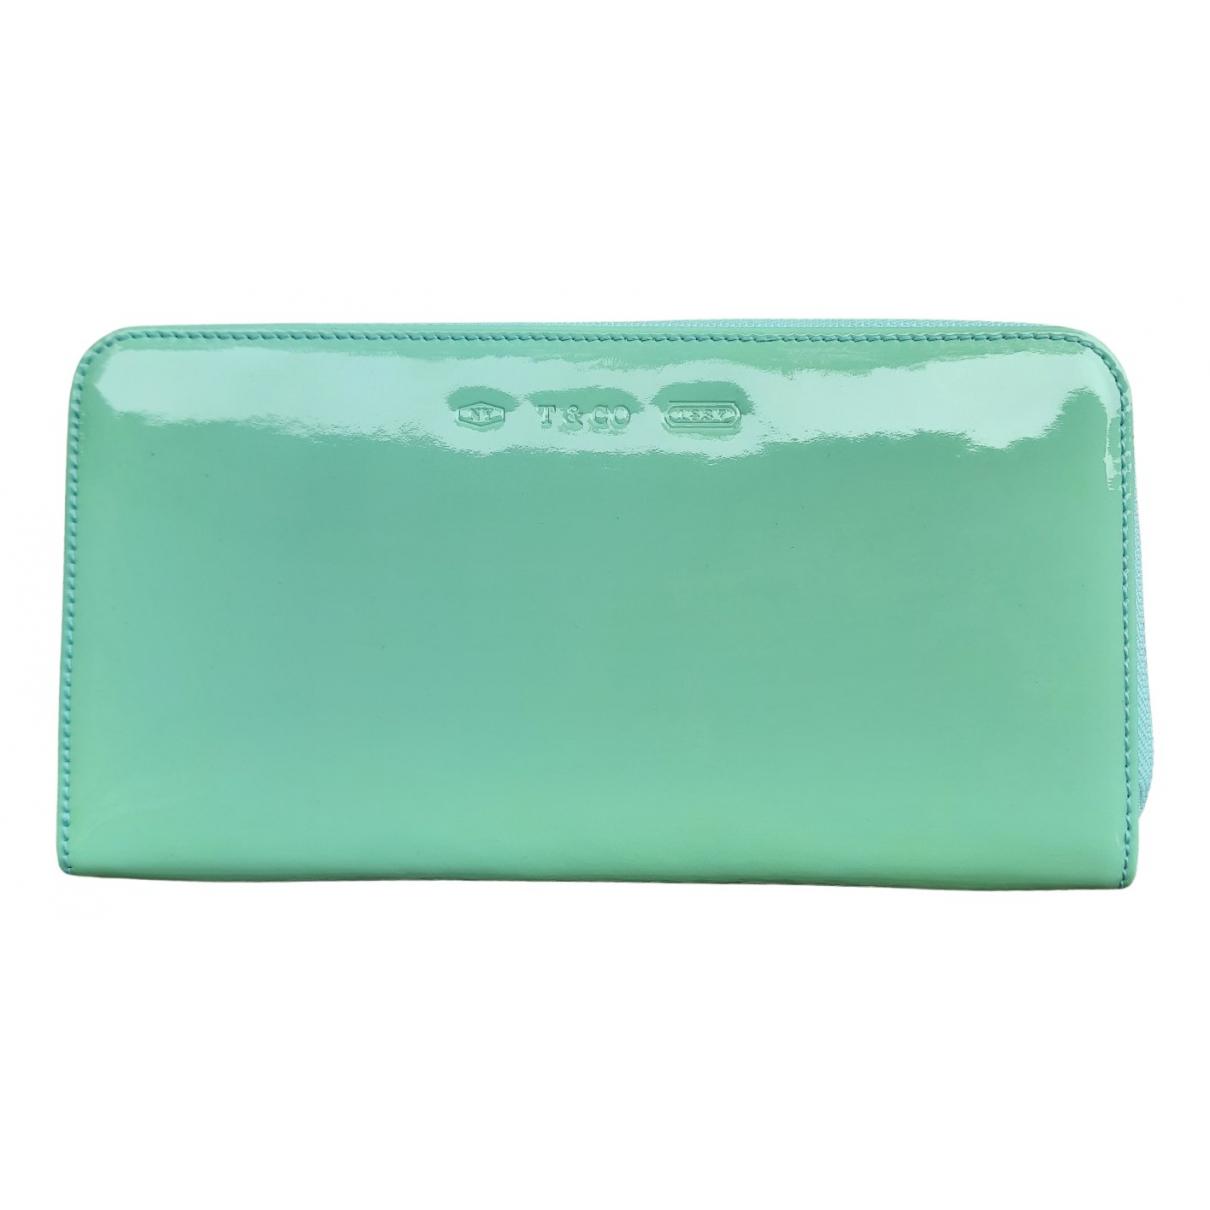 Tiffany & Co - Portefeuille   pour femme en cuir verni